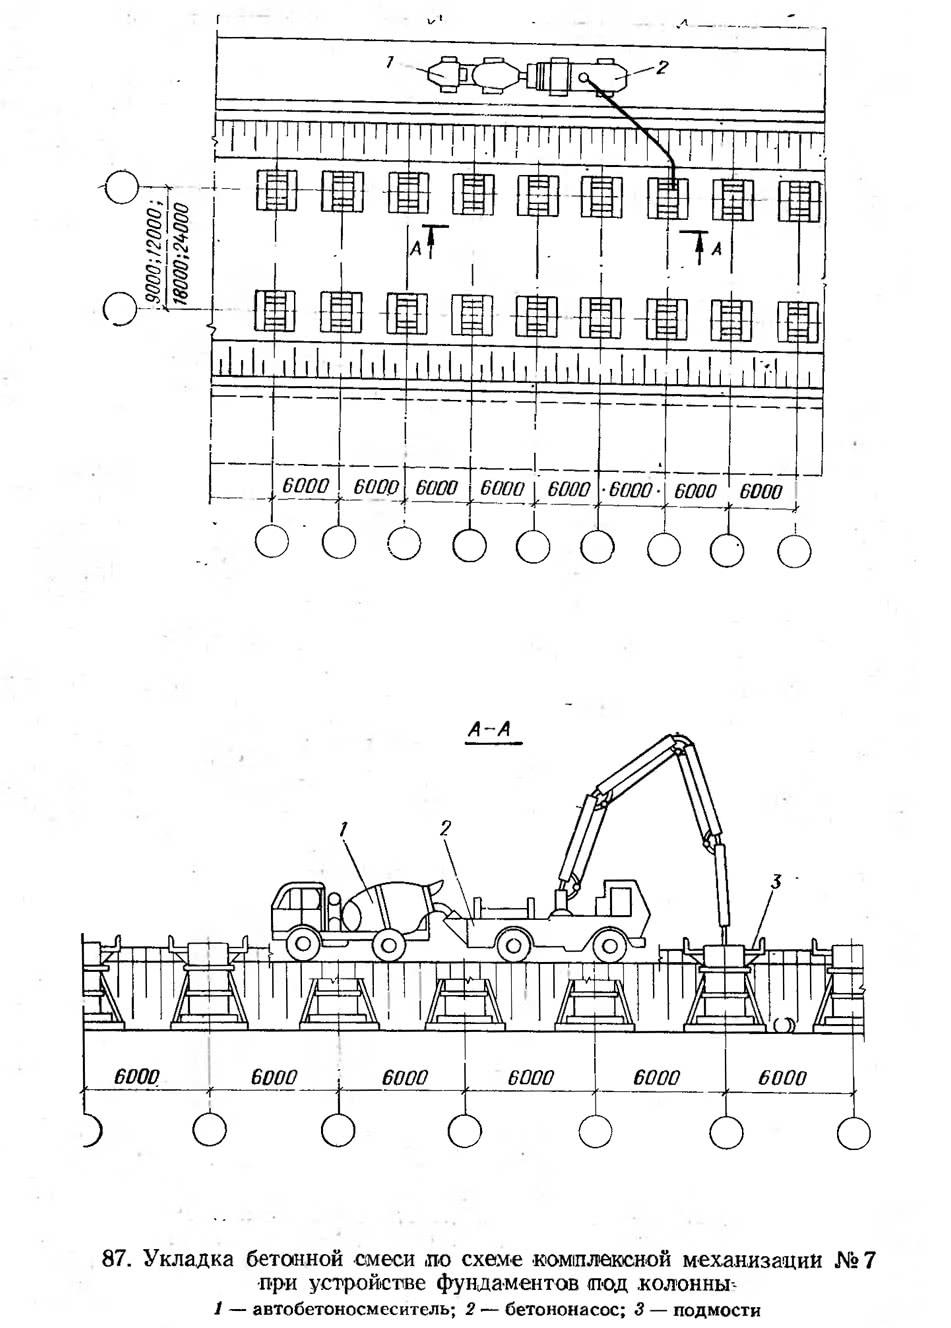 87. Укладка бетонной смеси по схеме комплексной механизаций №7